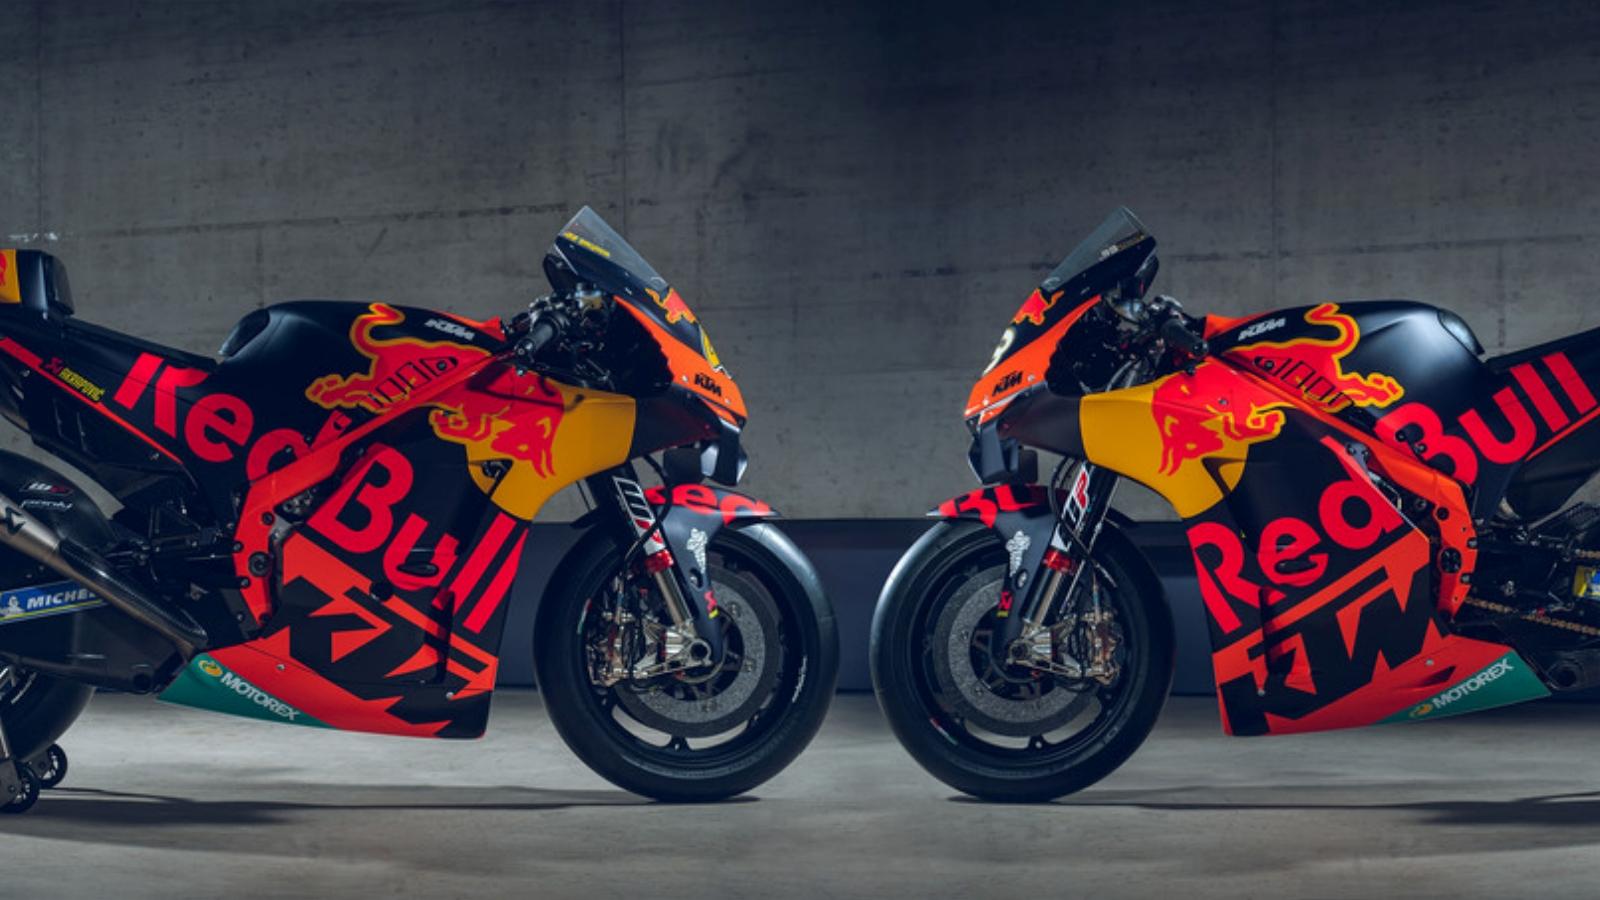 La KTM RC16 Factory de Pol Espargaró y Brad Binder para MotoGP 2020